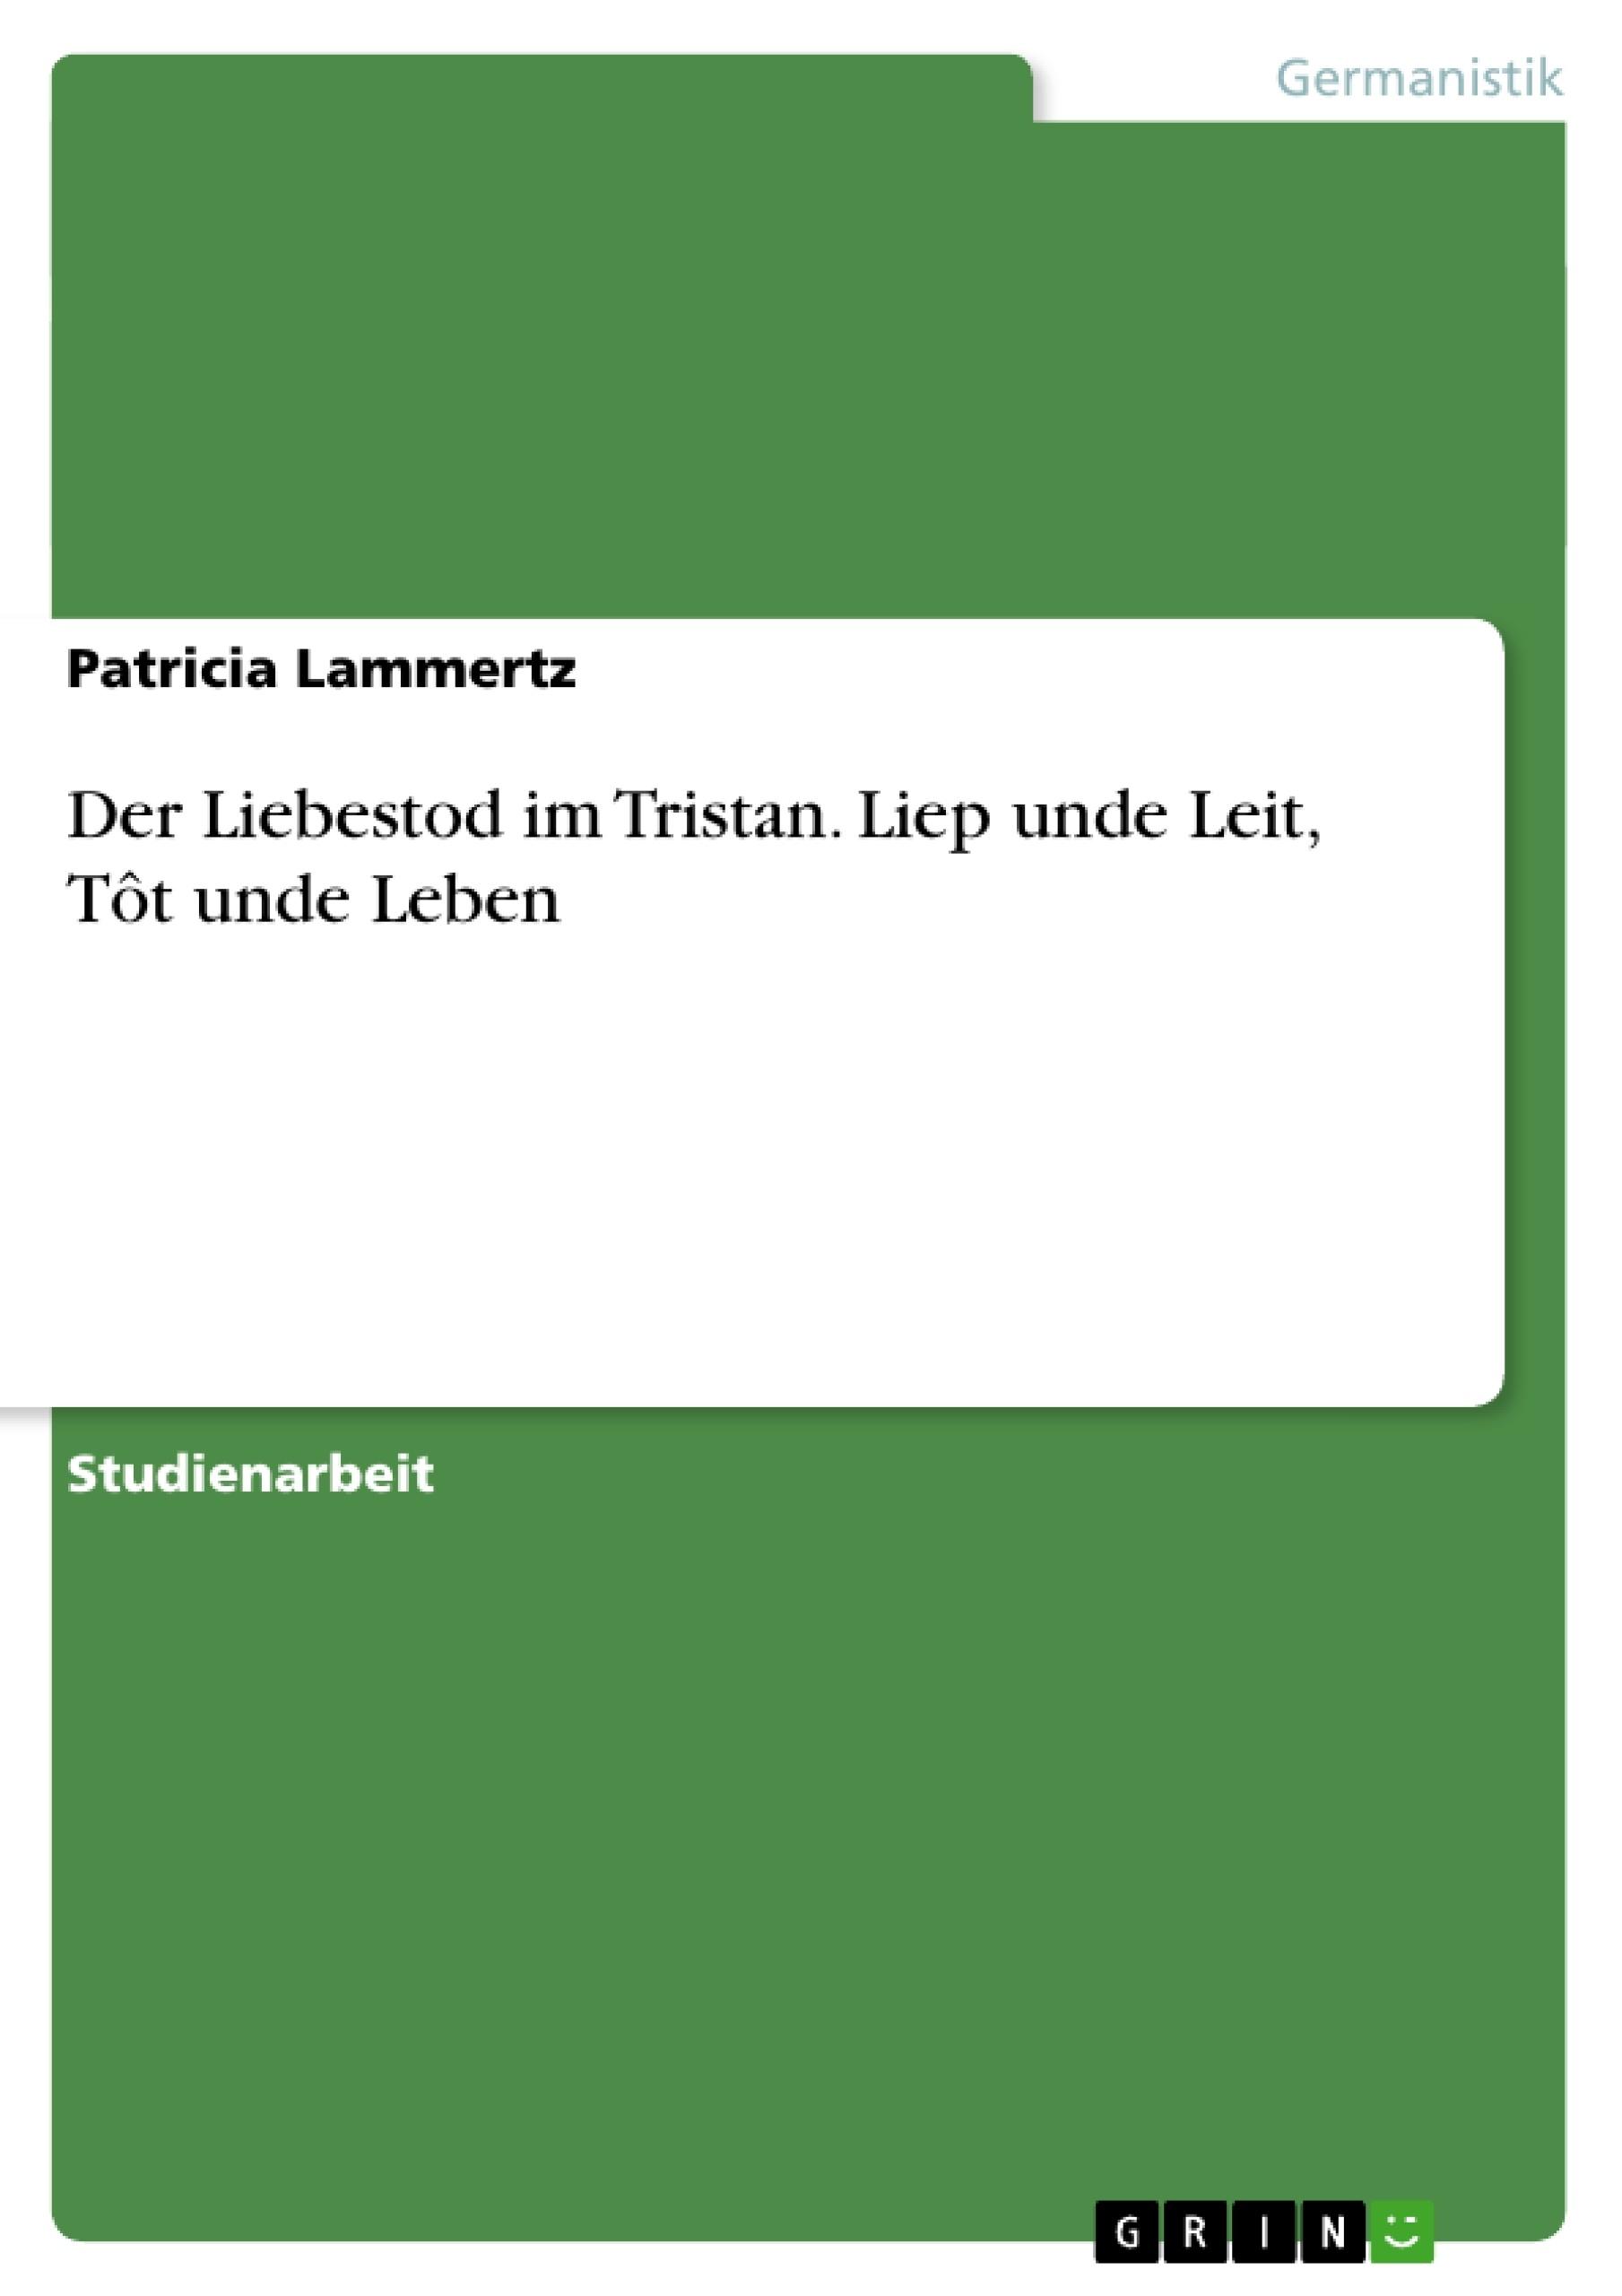 Titel: Der Liebestod im Tristan. Liep unde Leit, Tôt unde Leben